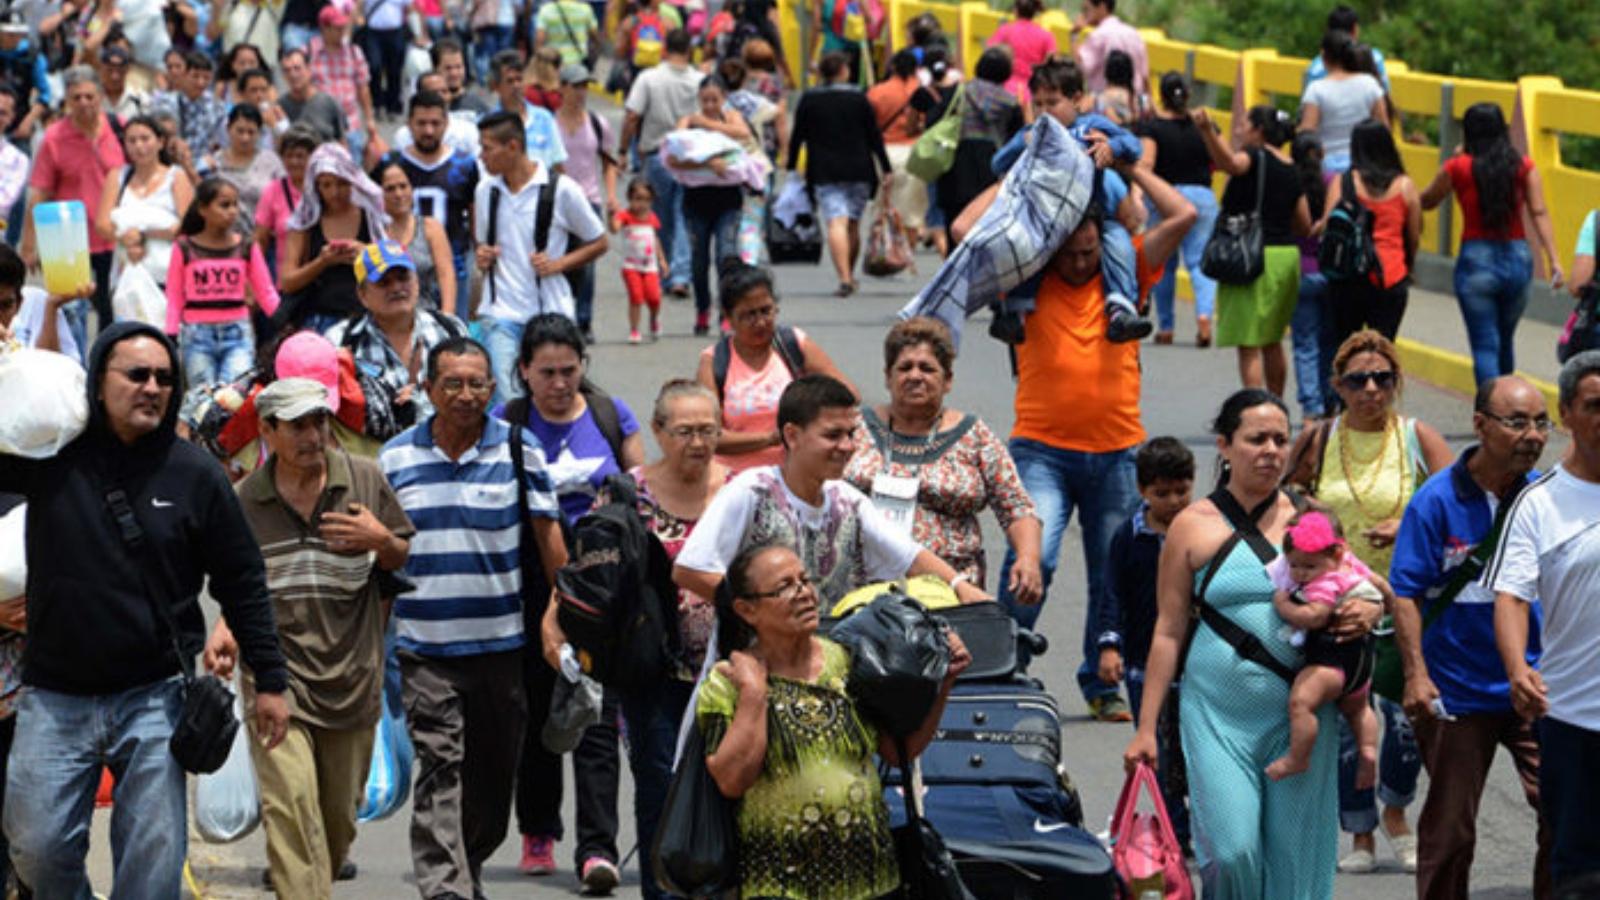 ¿Cómo afrontar la discriminación de los migrantes?